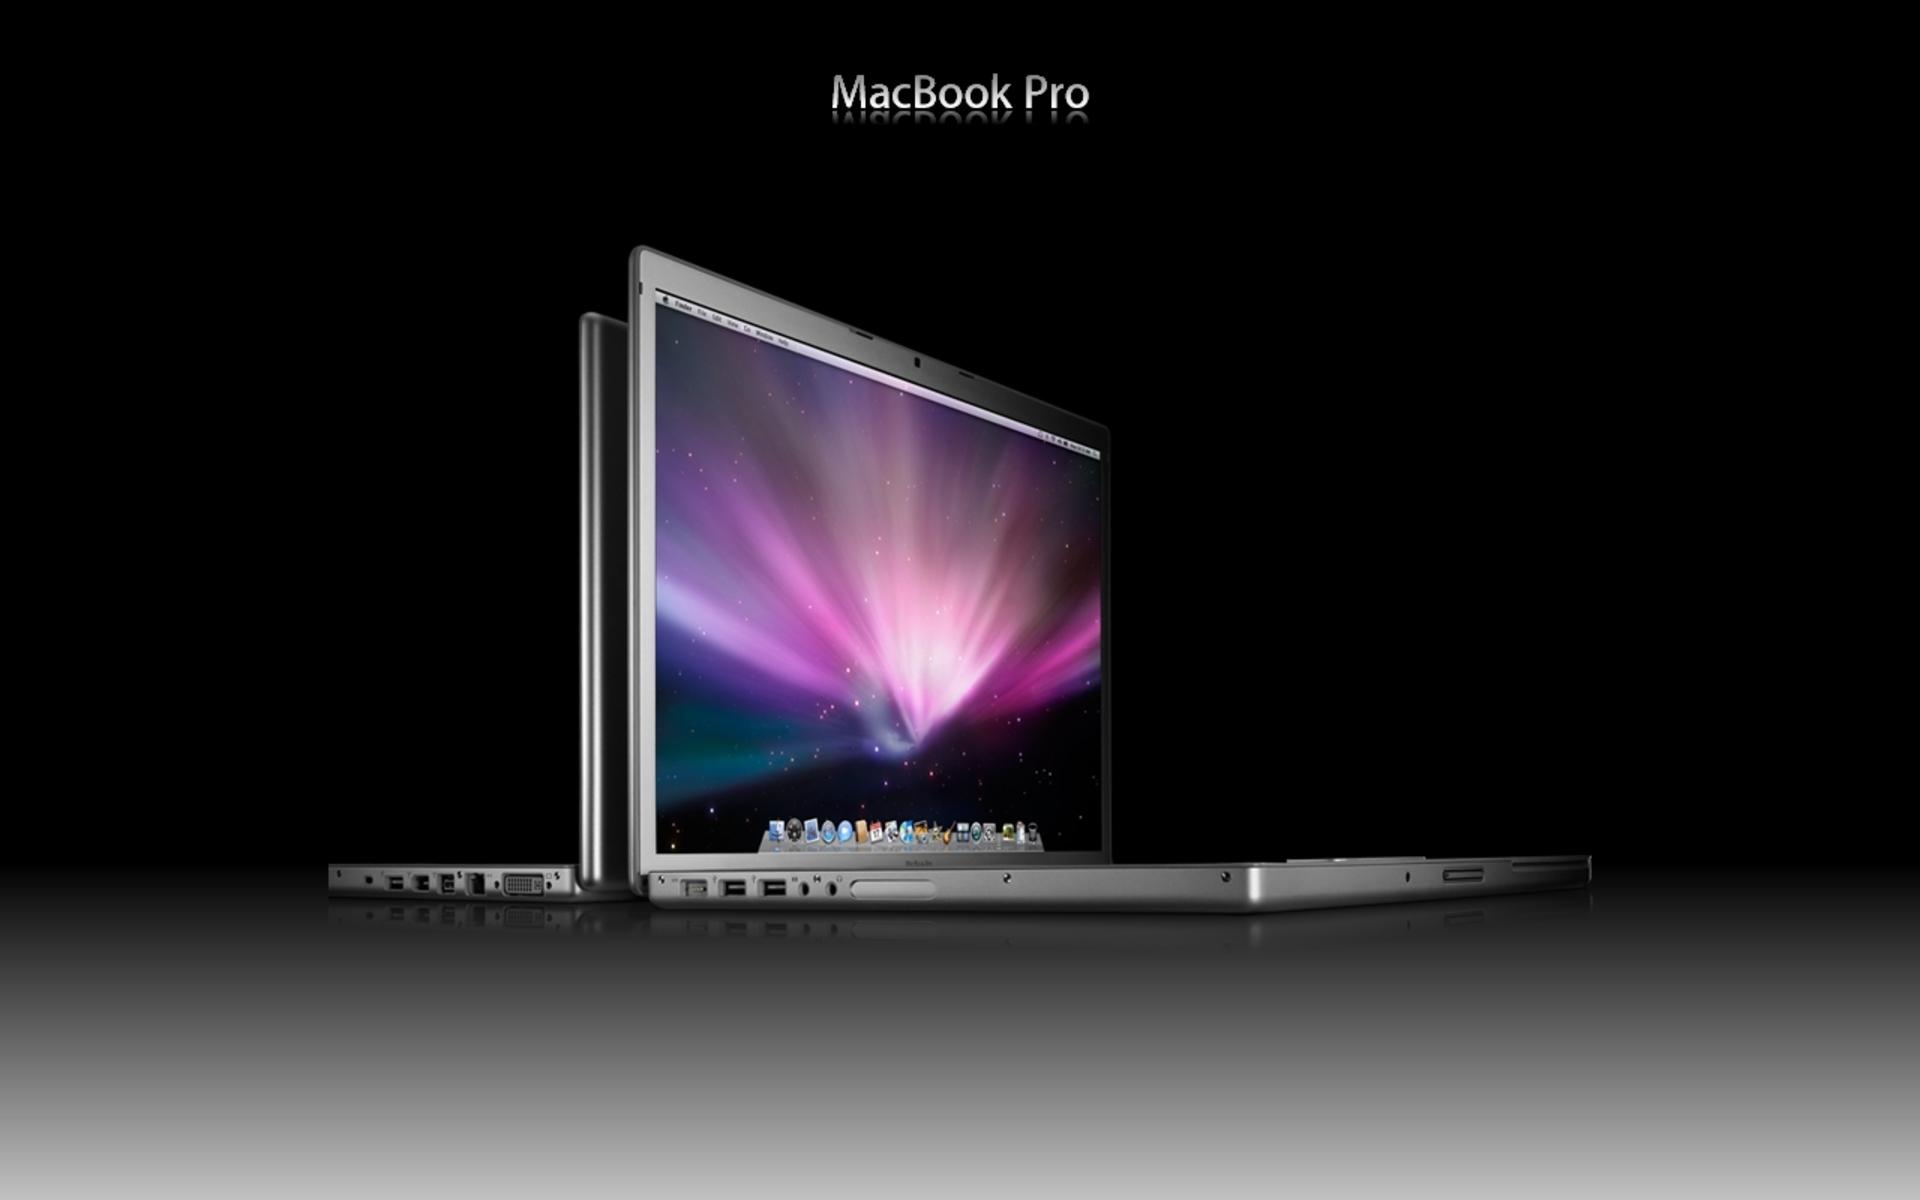 MacBook Pro Wallpaper 1920x1200 - WallpaperSafari